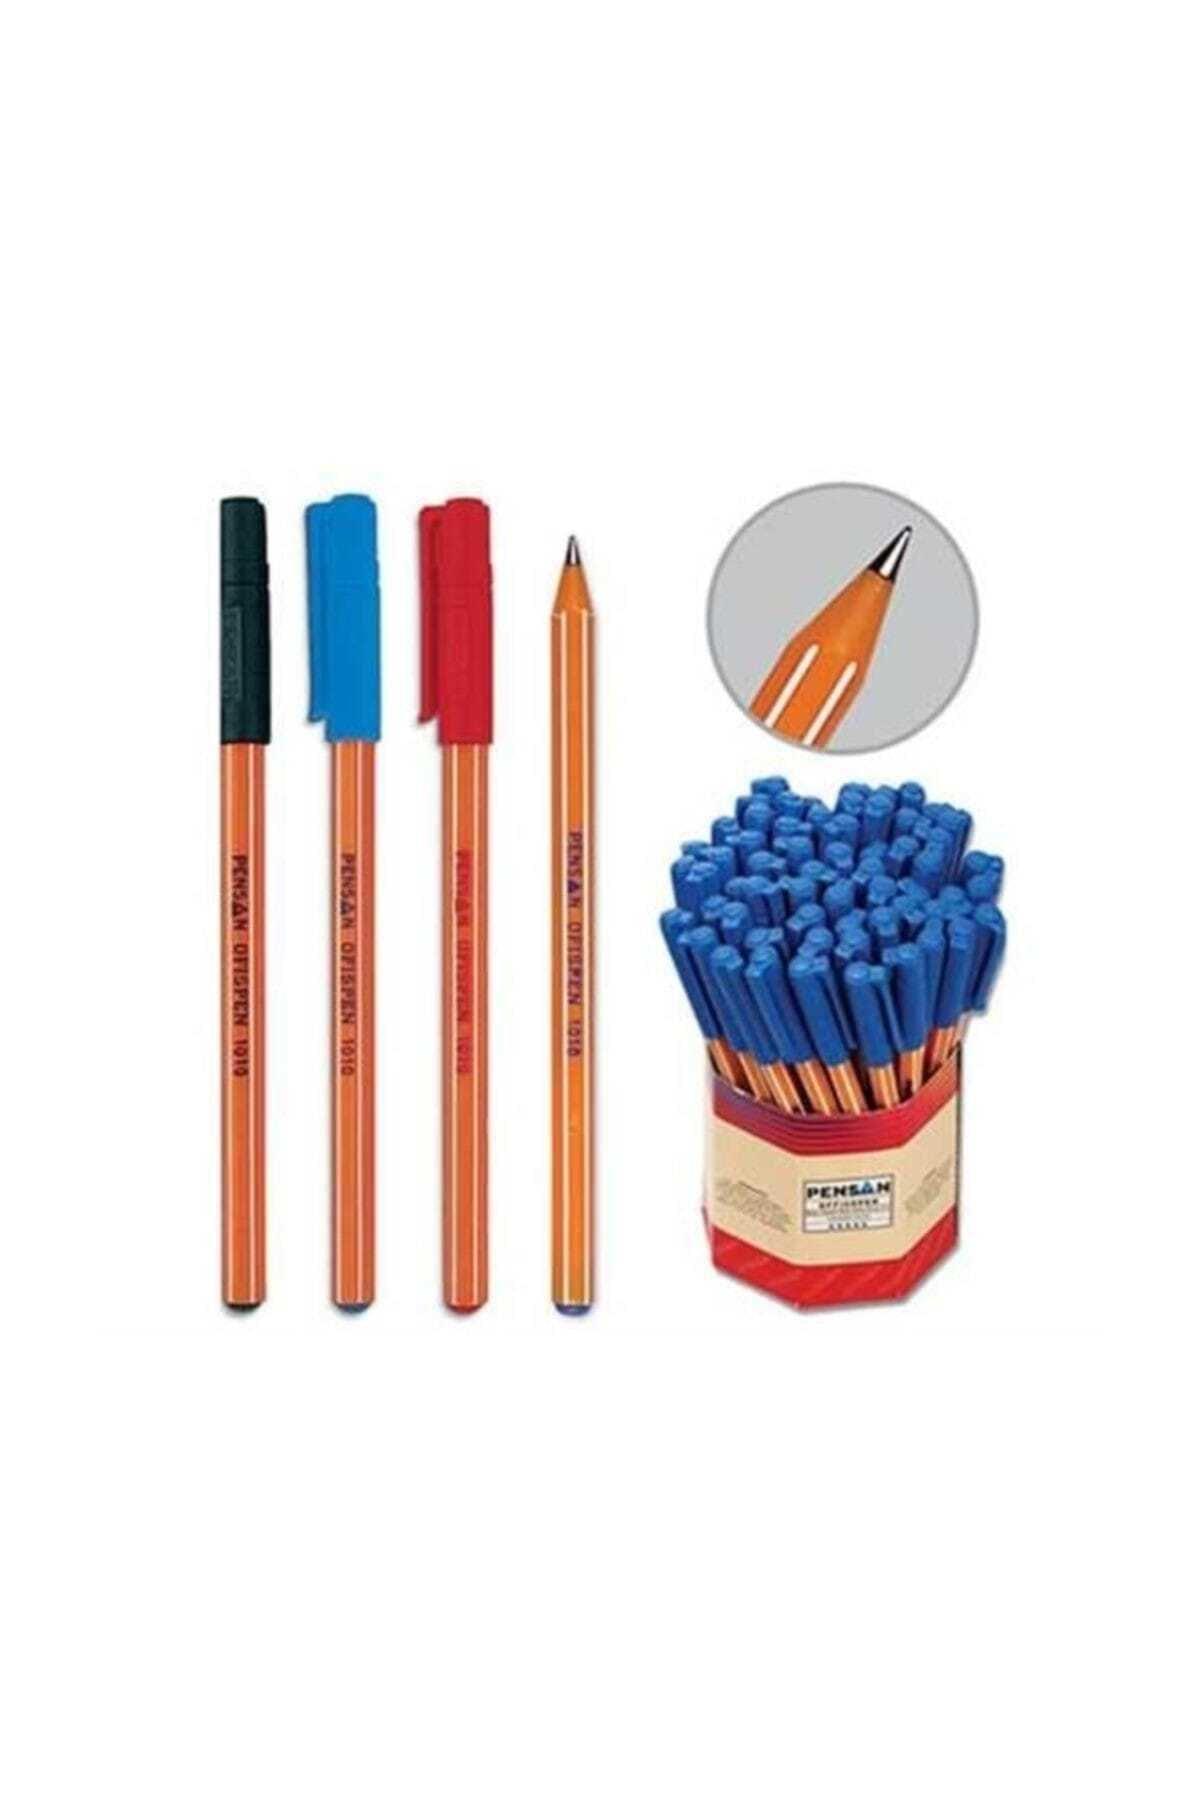 Pensan Tükenmez Kalem 60'lı Mavi Kırmızı 1010 1.0 1